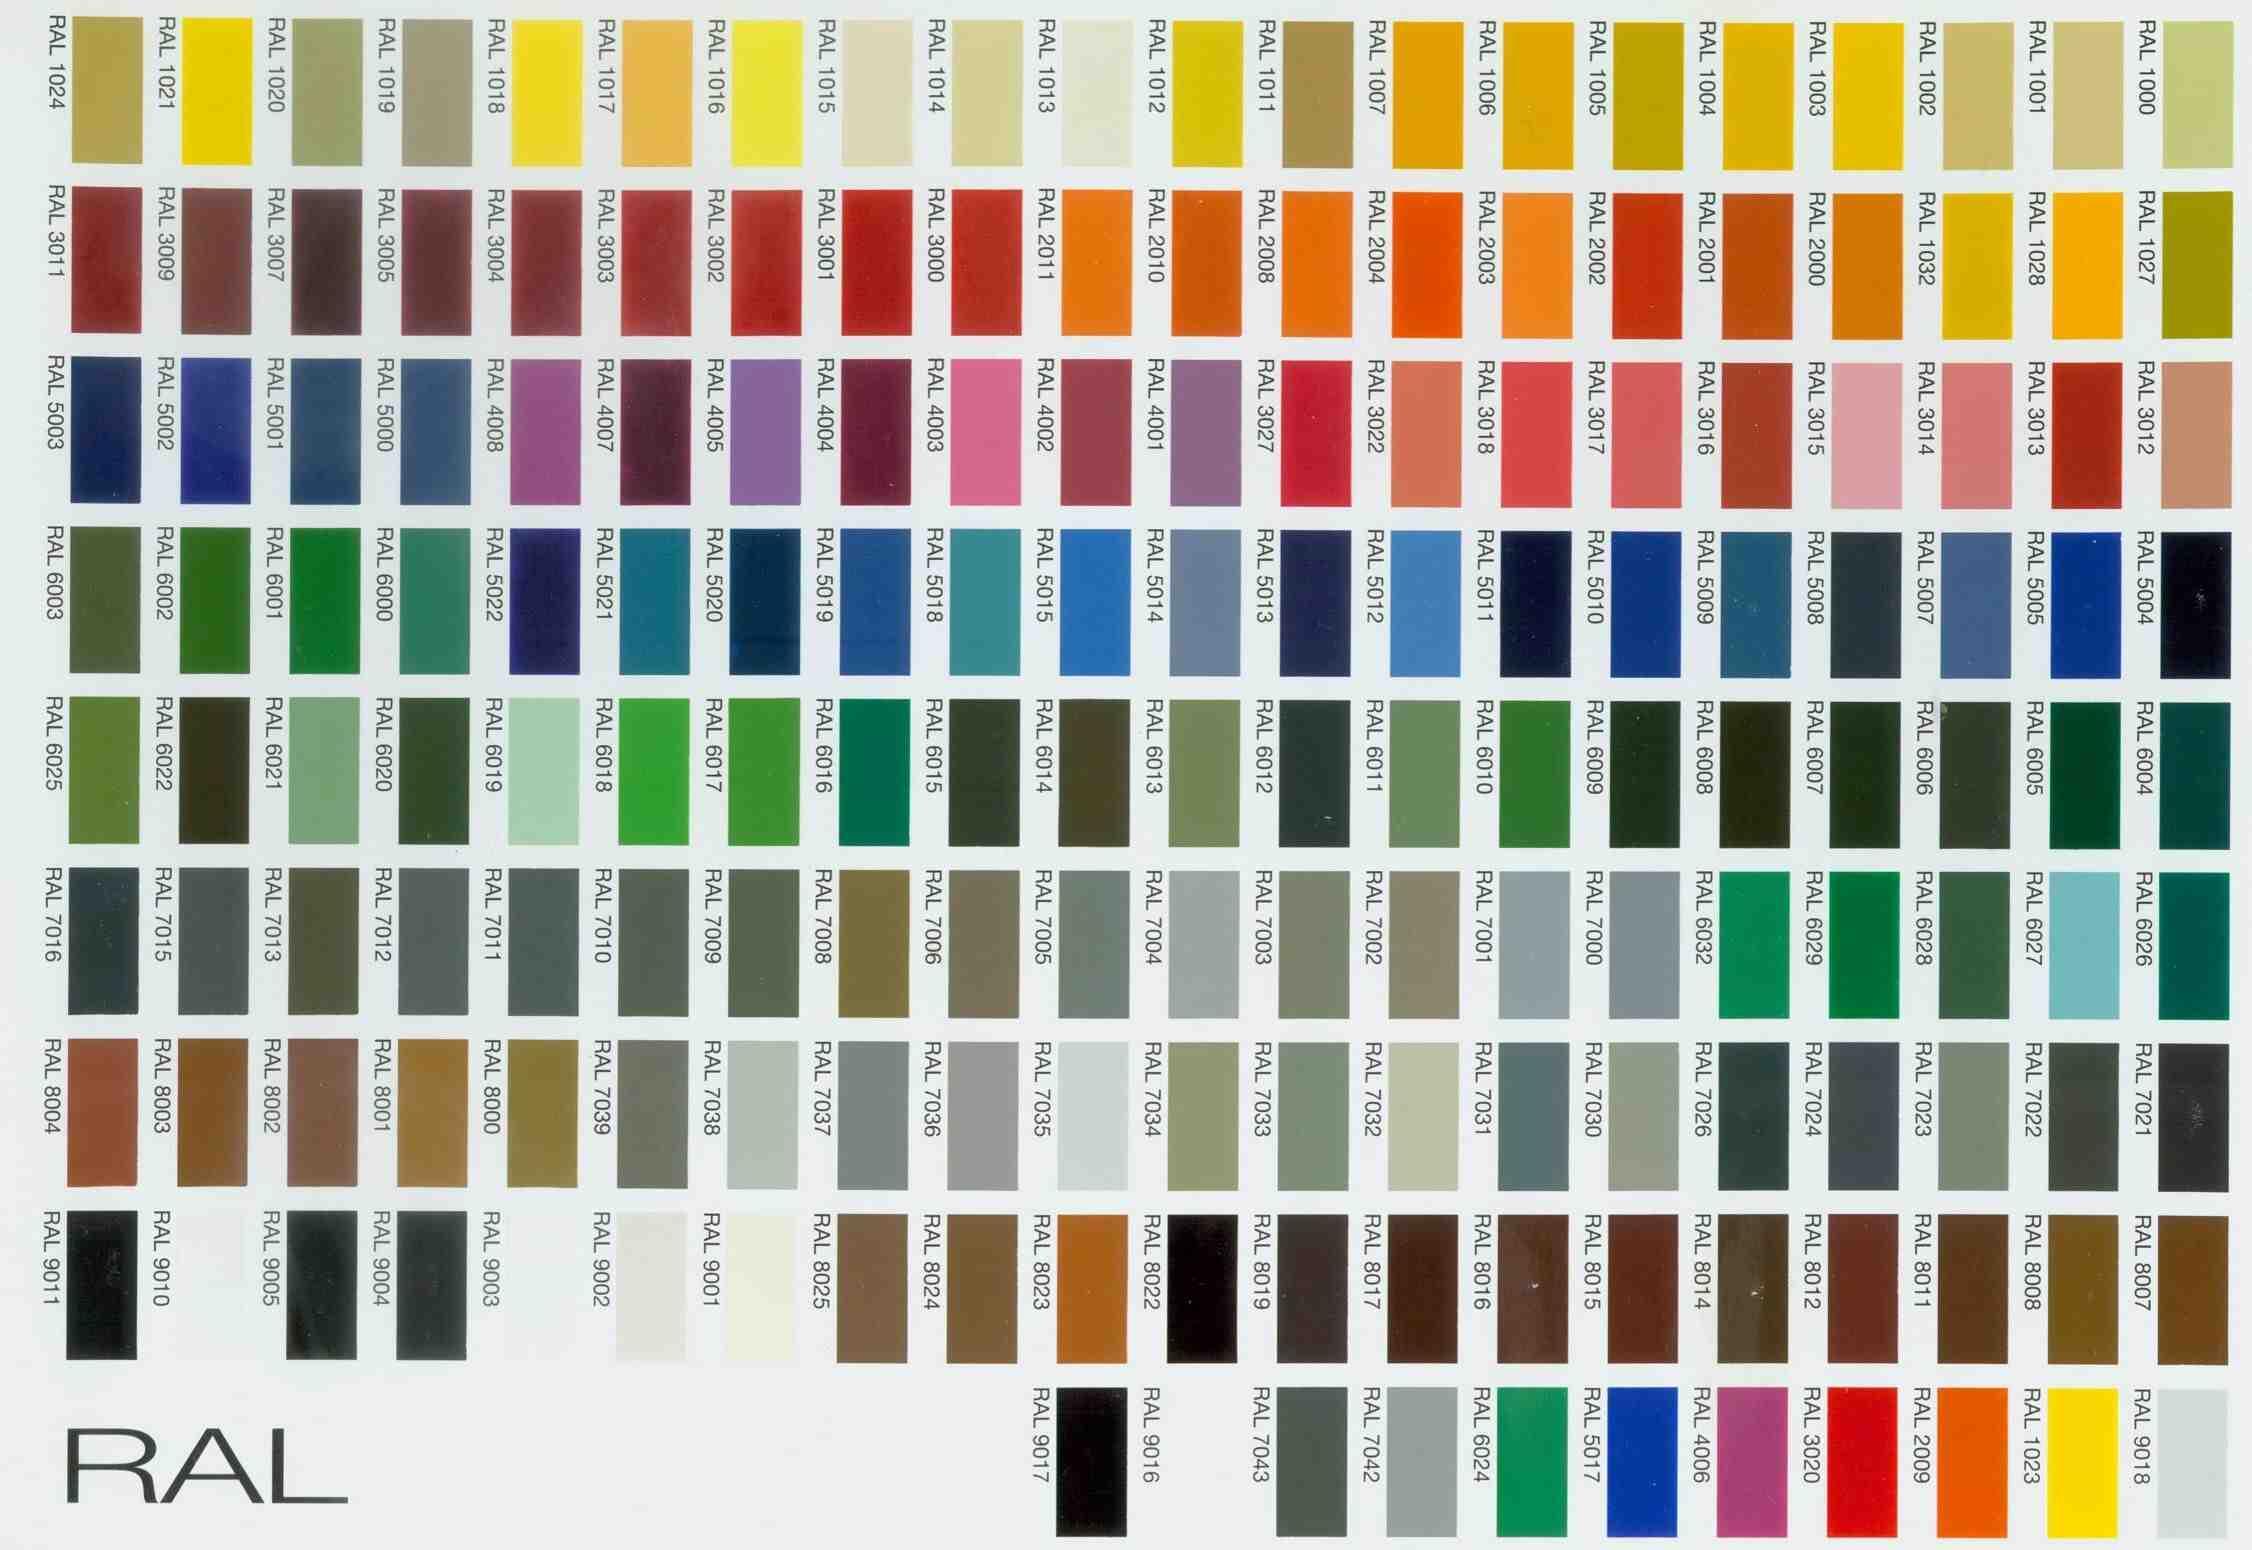 Comment connaître le RAL d'une couleur ?